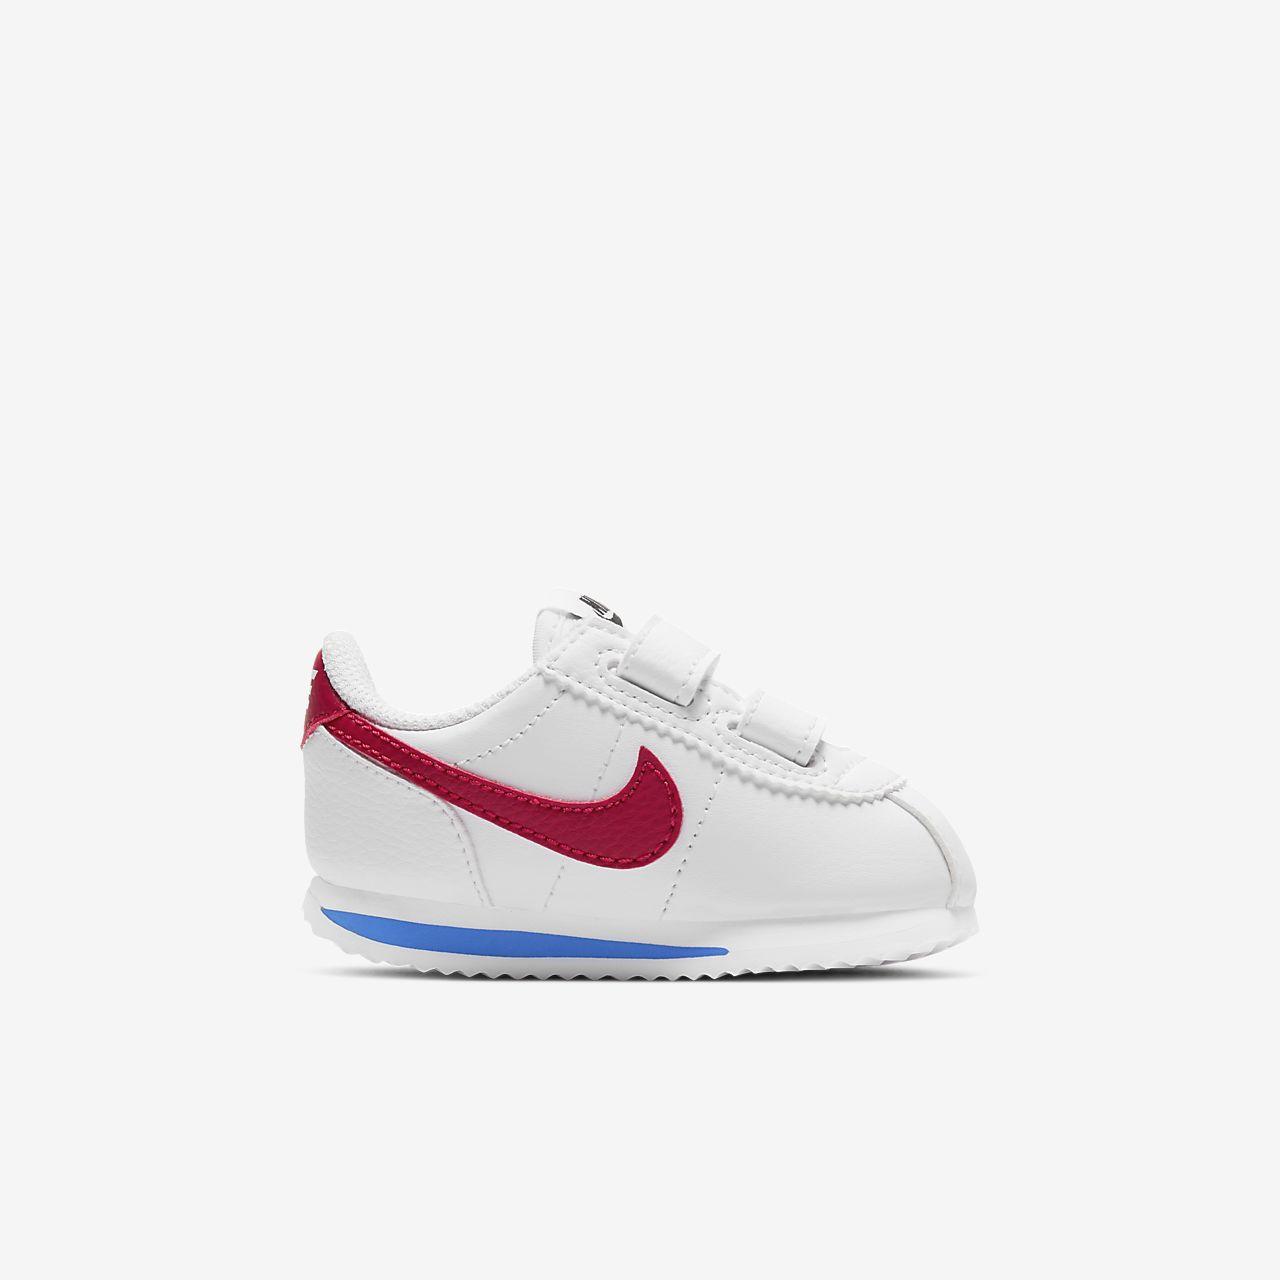 03ab27874a2 Nike Cortez Basic SL Baby   Toddler Shoe. Nike.com ID